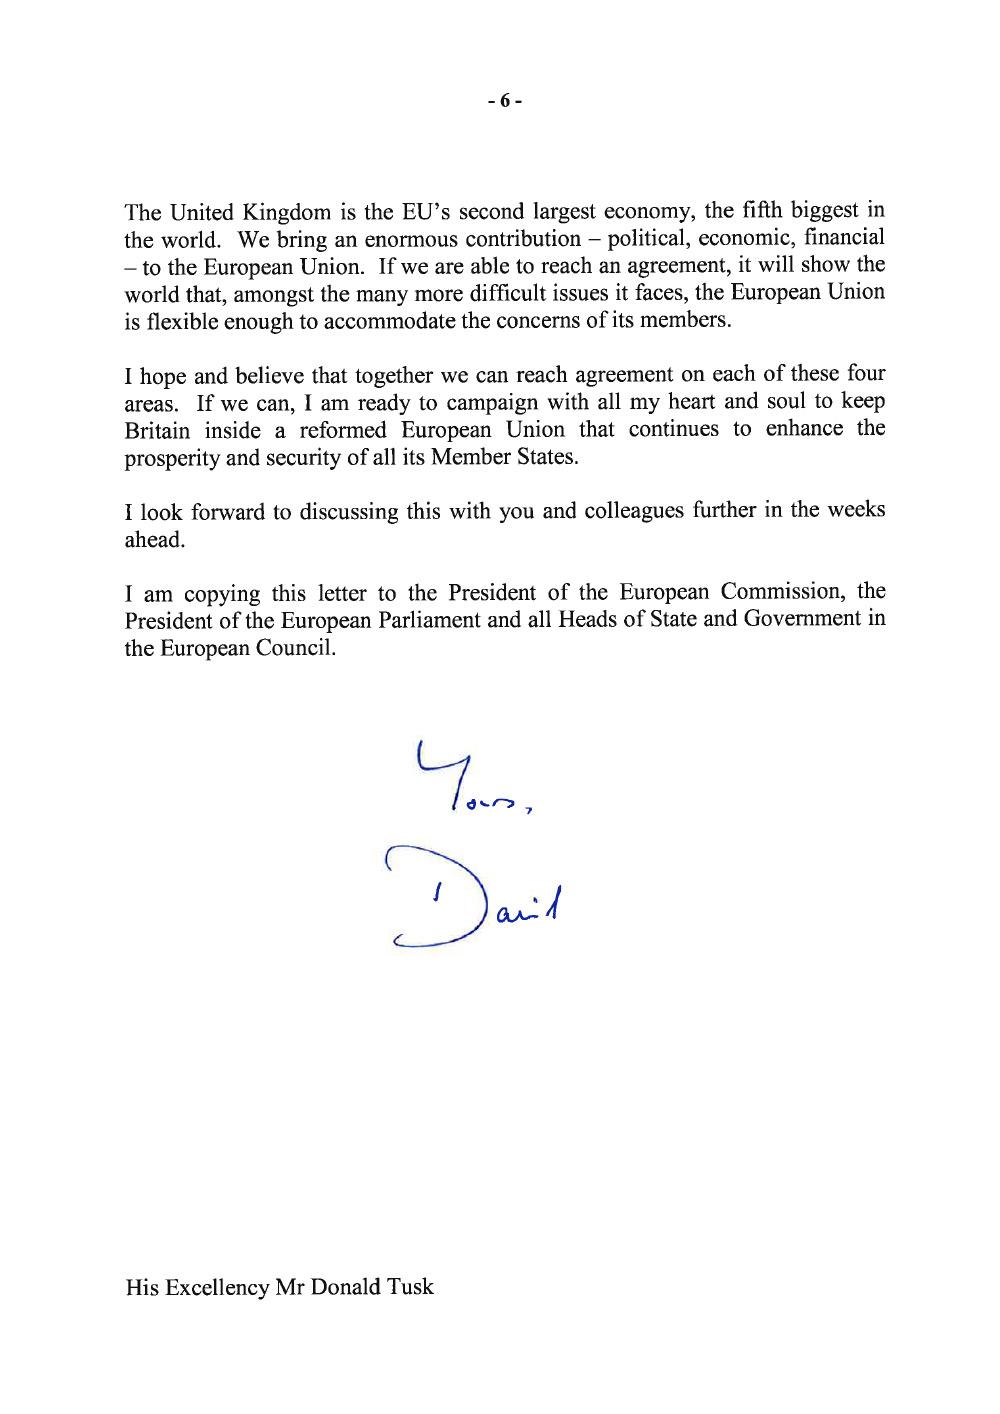 Donald-Tusk-letter_001-2